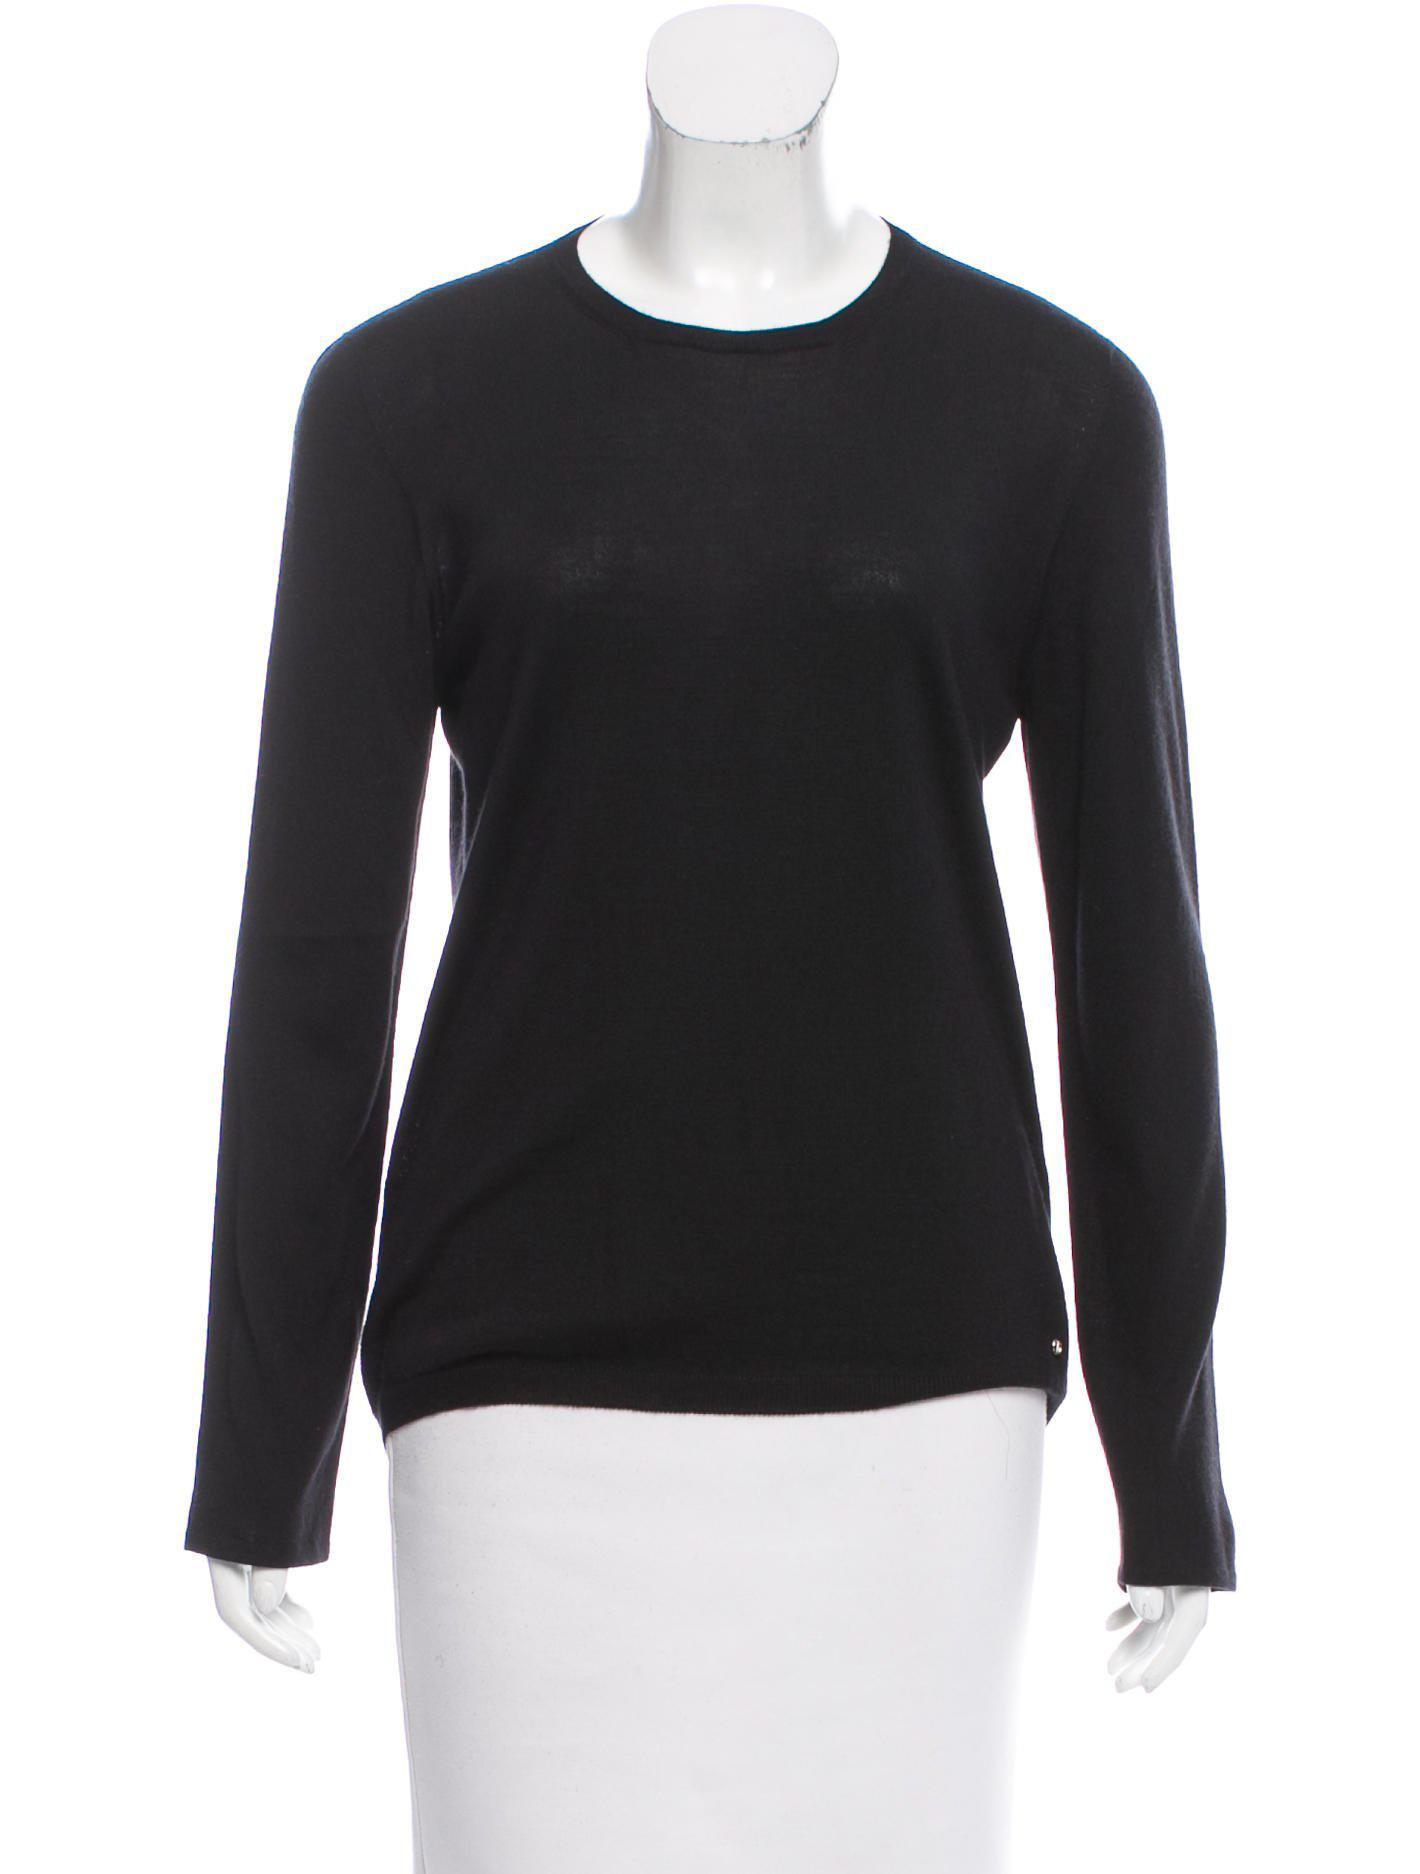 Dior Lightweight Cashmere Sweater in Blue | Lyst